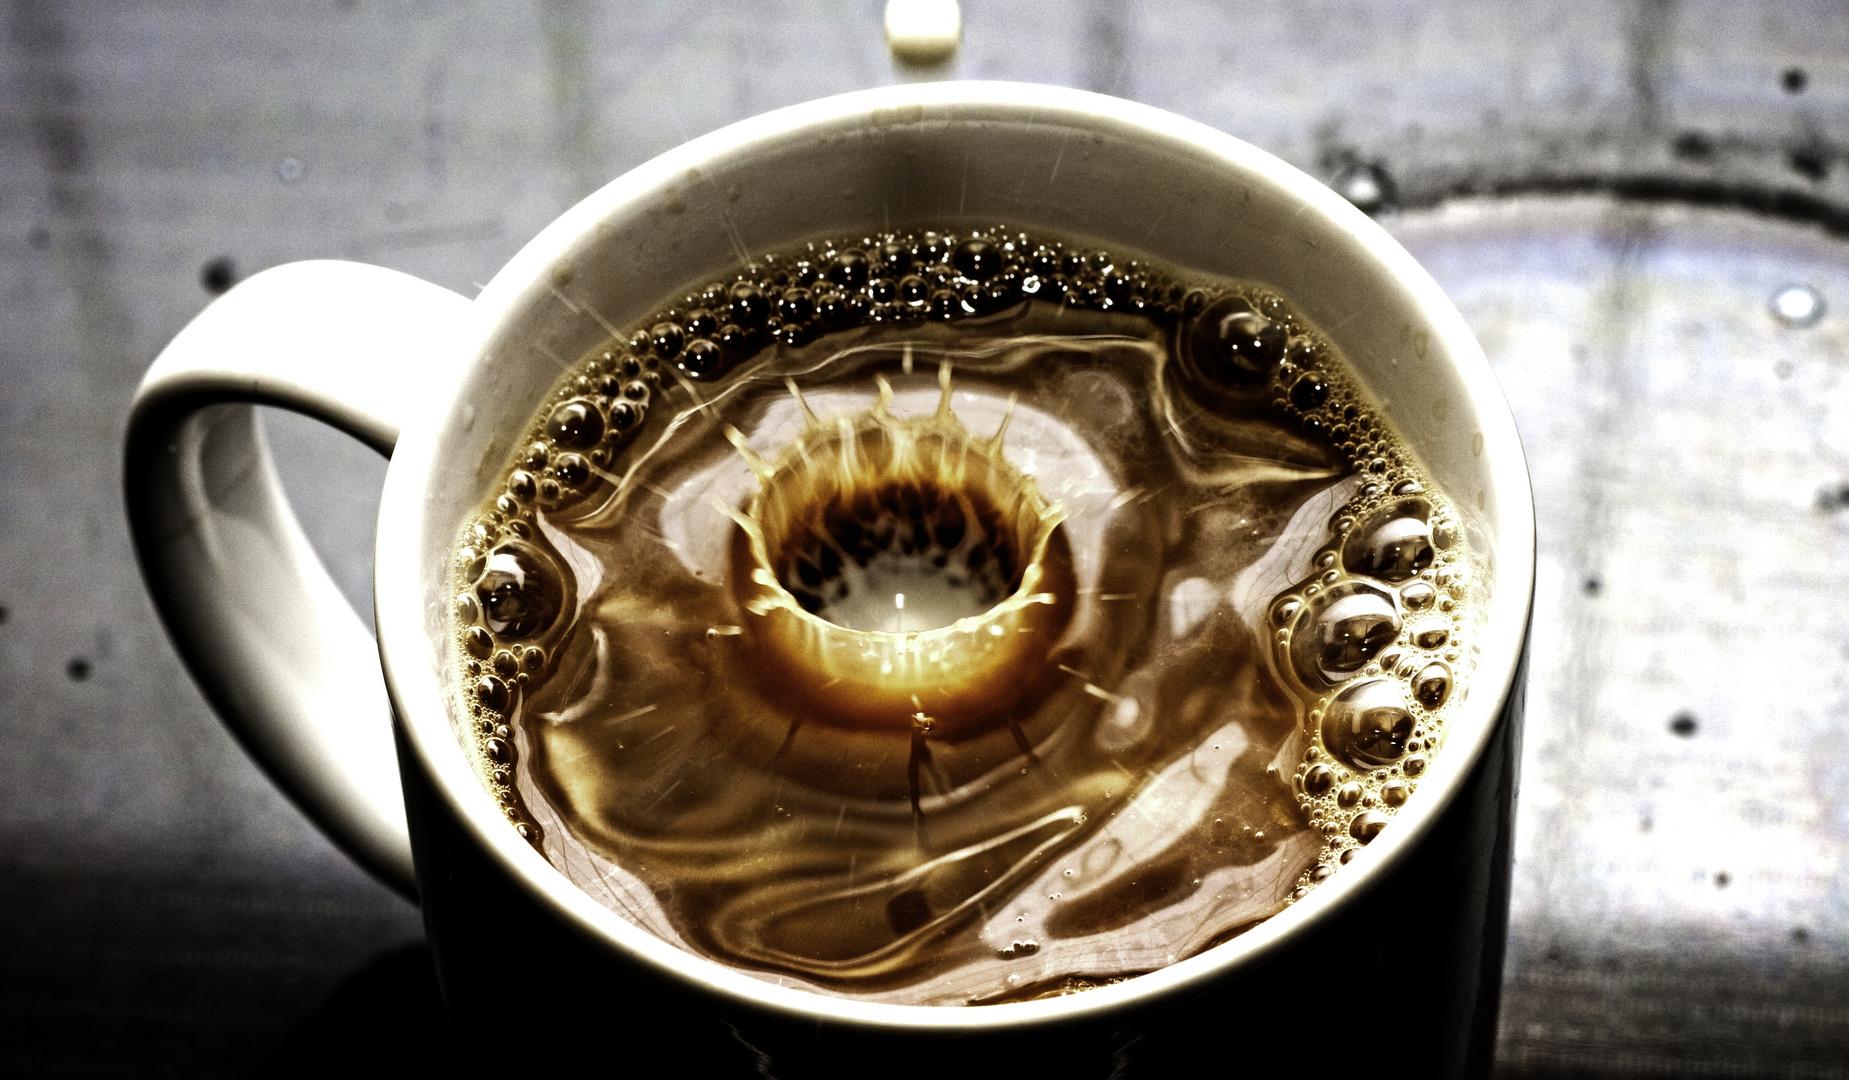 einen kaffee mit milch bitte!